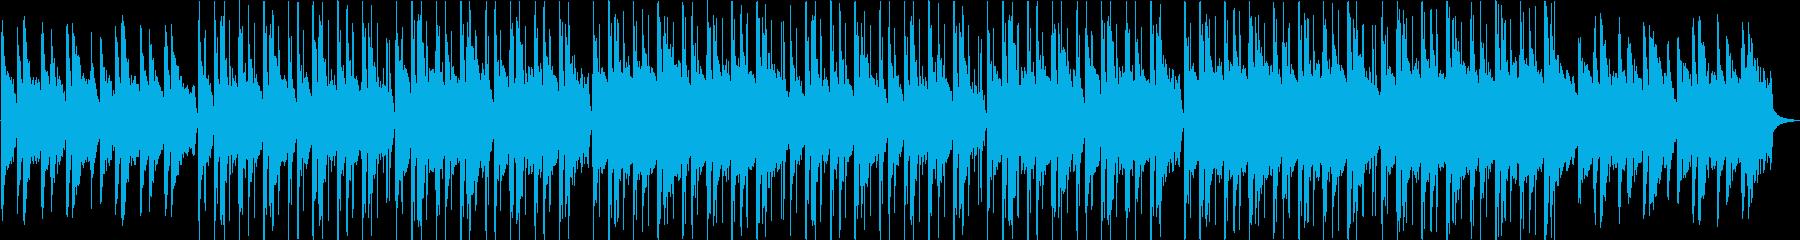 儚い哀愁感・格闘家の練習インタビュー映像の再生済みの波形